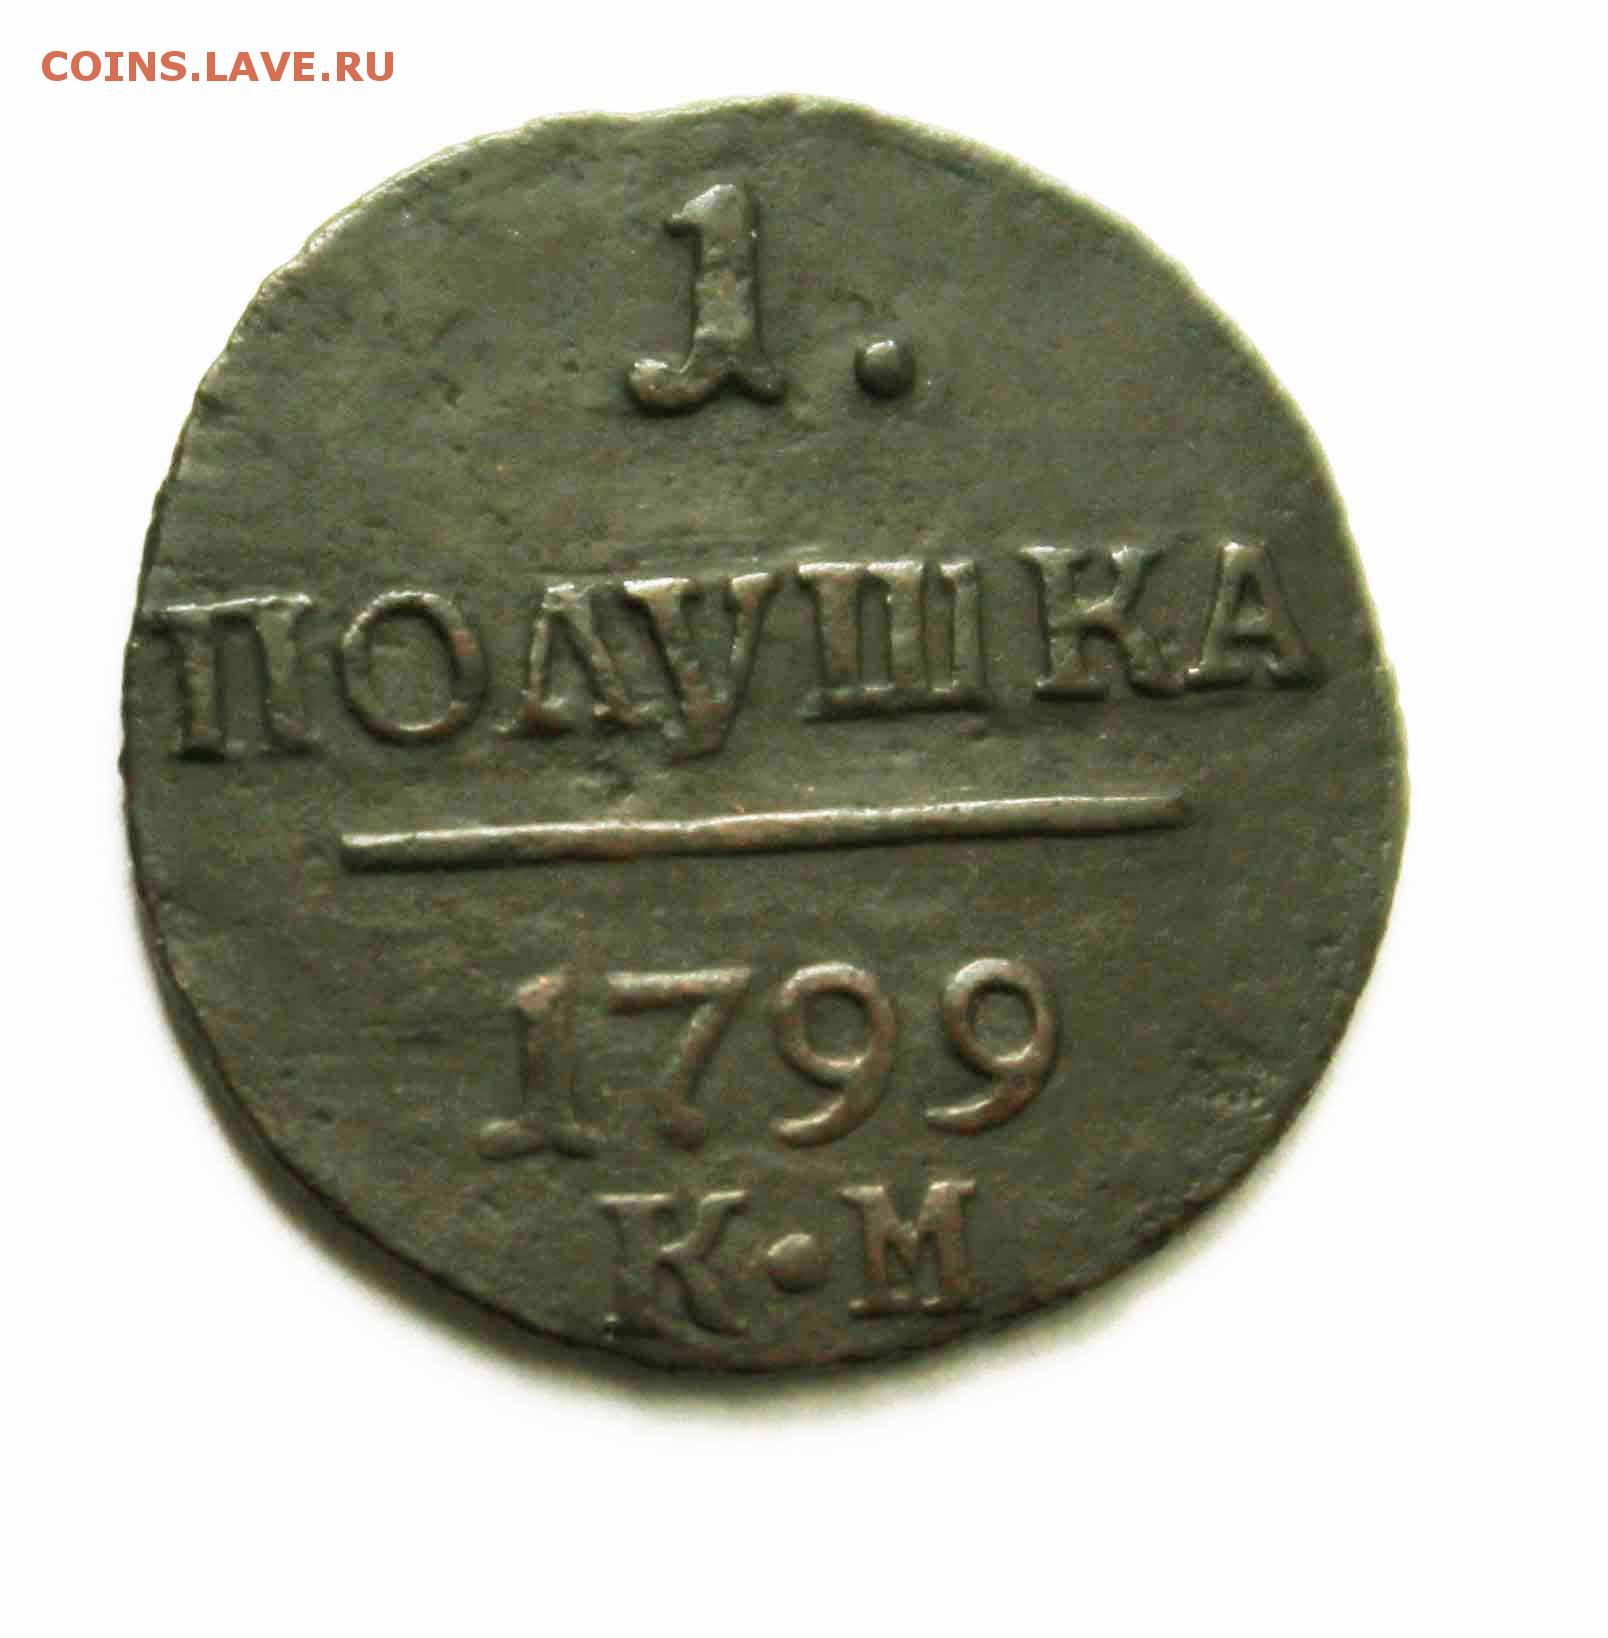 Полушка 1799 год ем купить монеты павла 1 медь копия (фото 1)